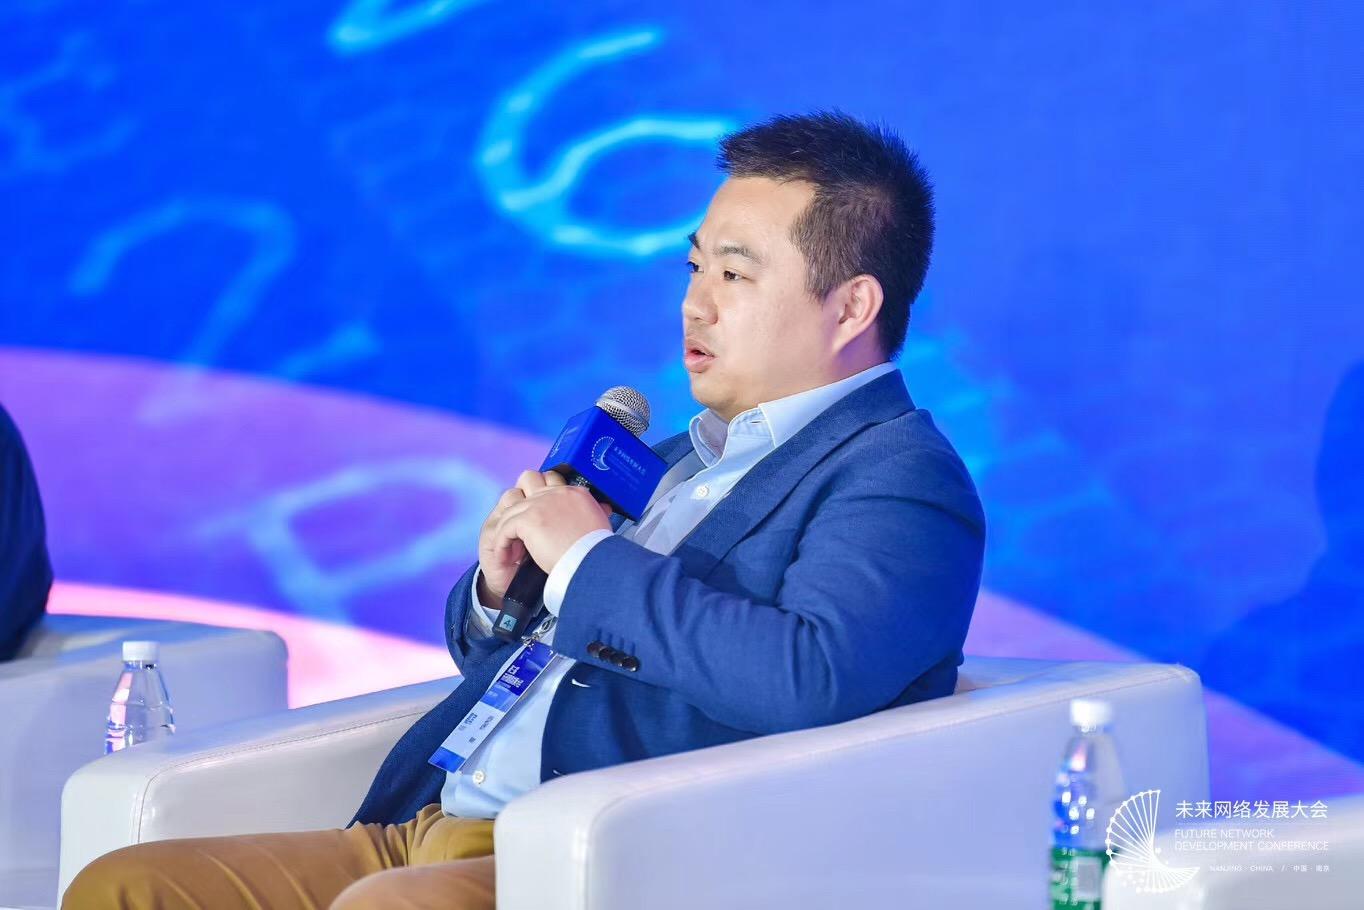 合众汽车智能驾驶研究院执行院长吴俊杰